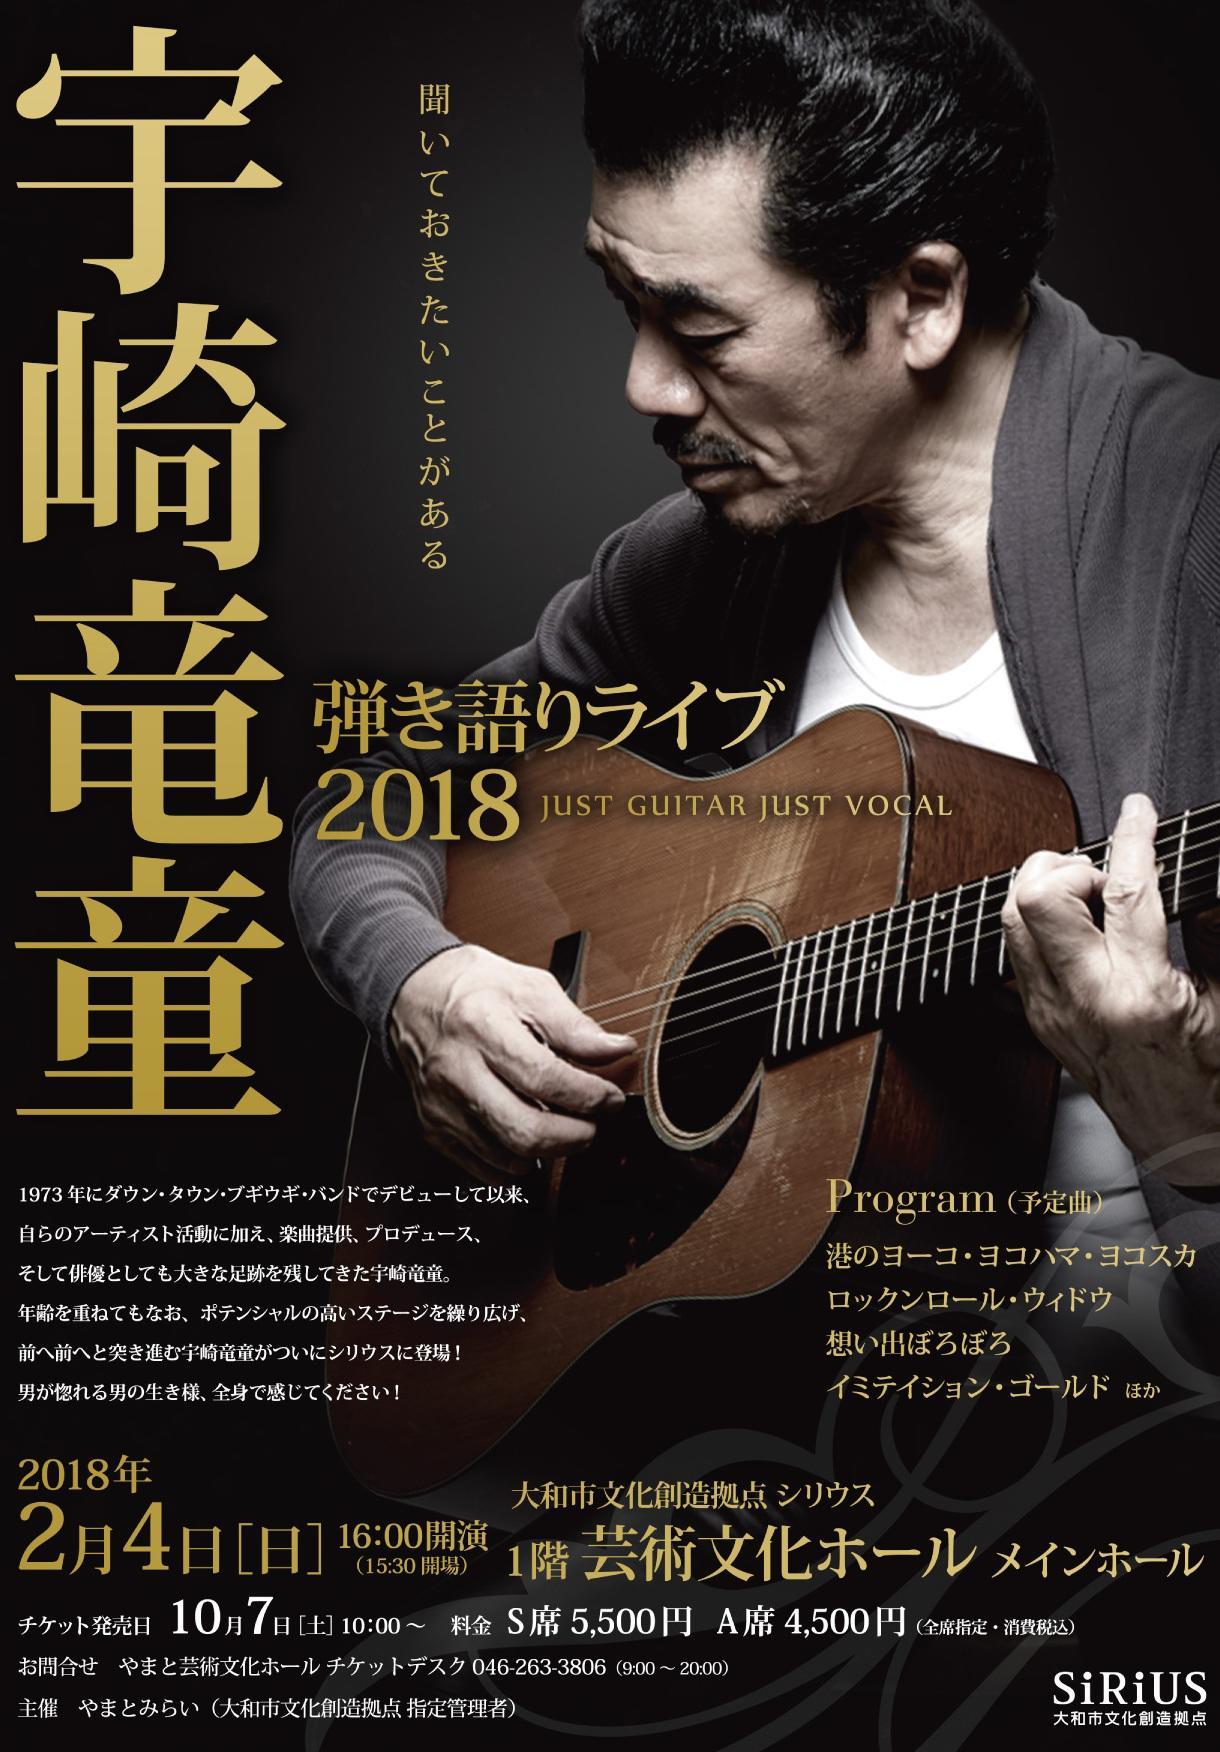 宇崎竜童 弾き語りライブ2018 JUST GUITAR JUST VOCAL